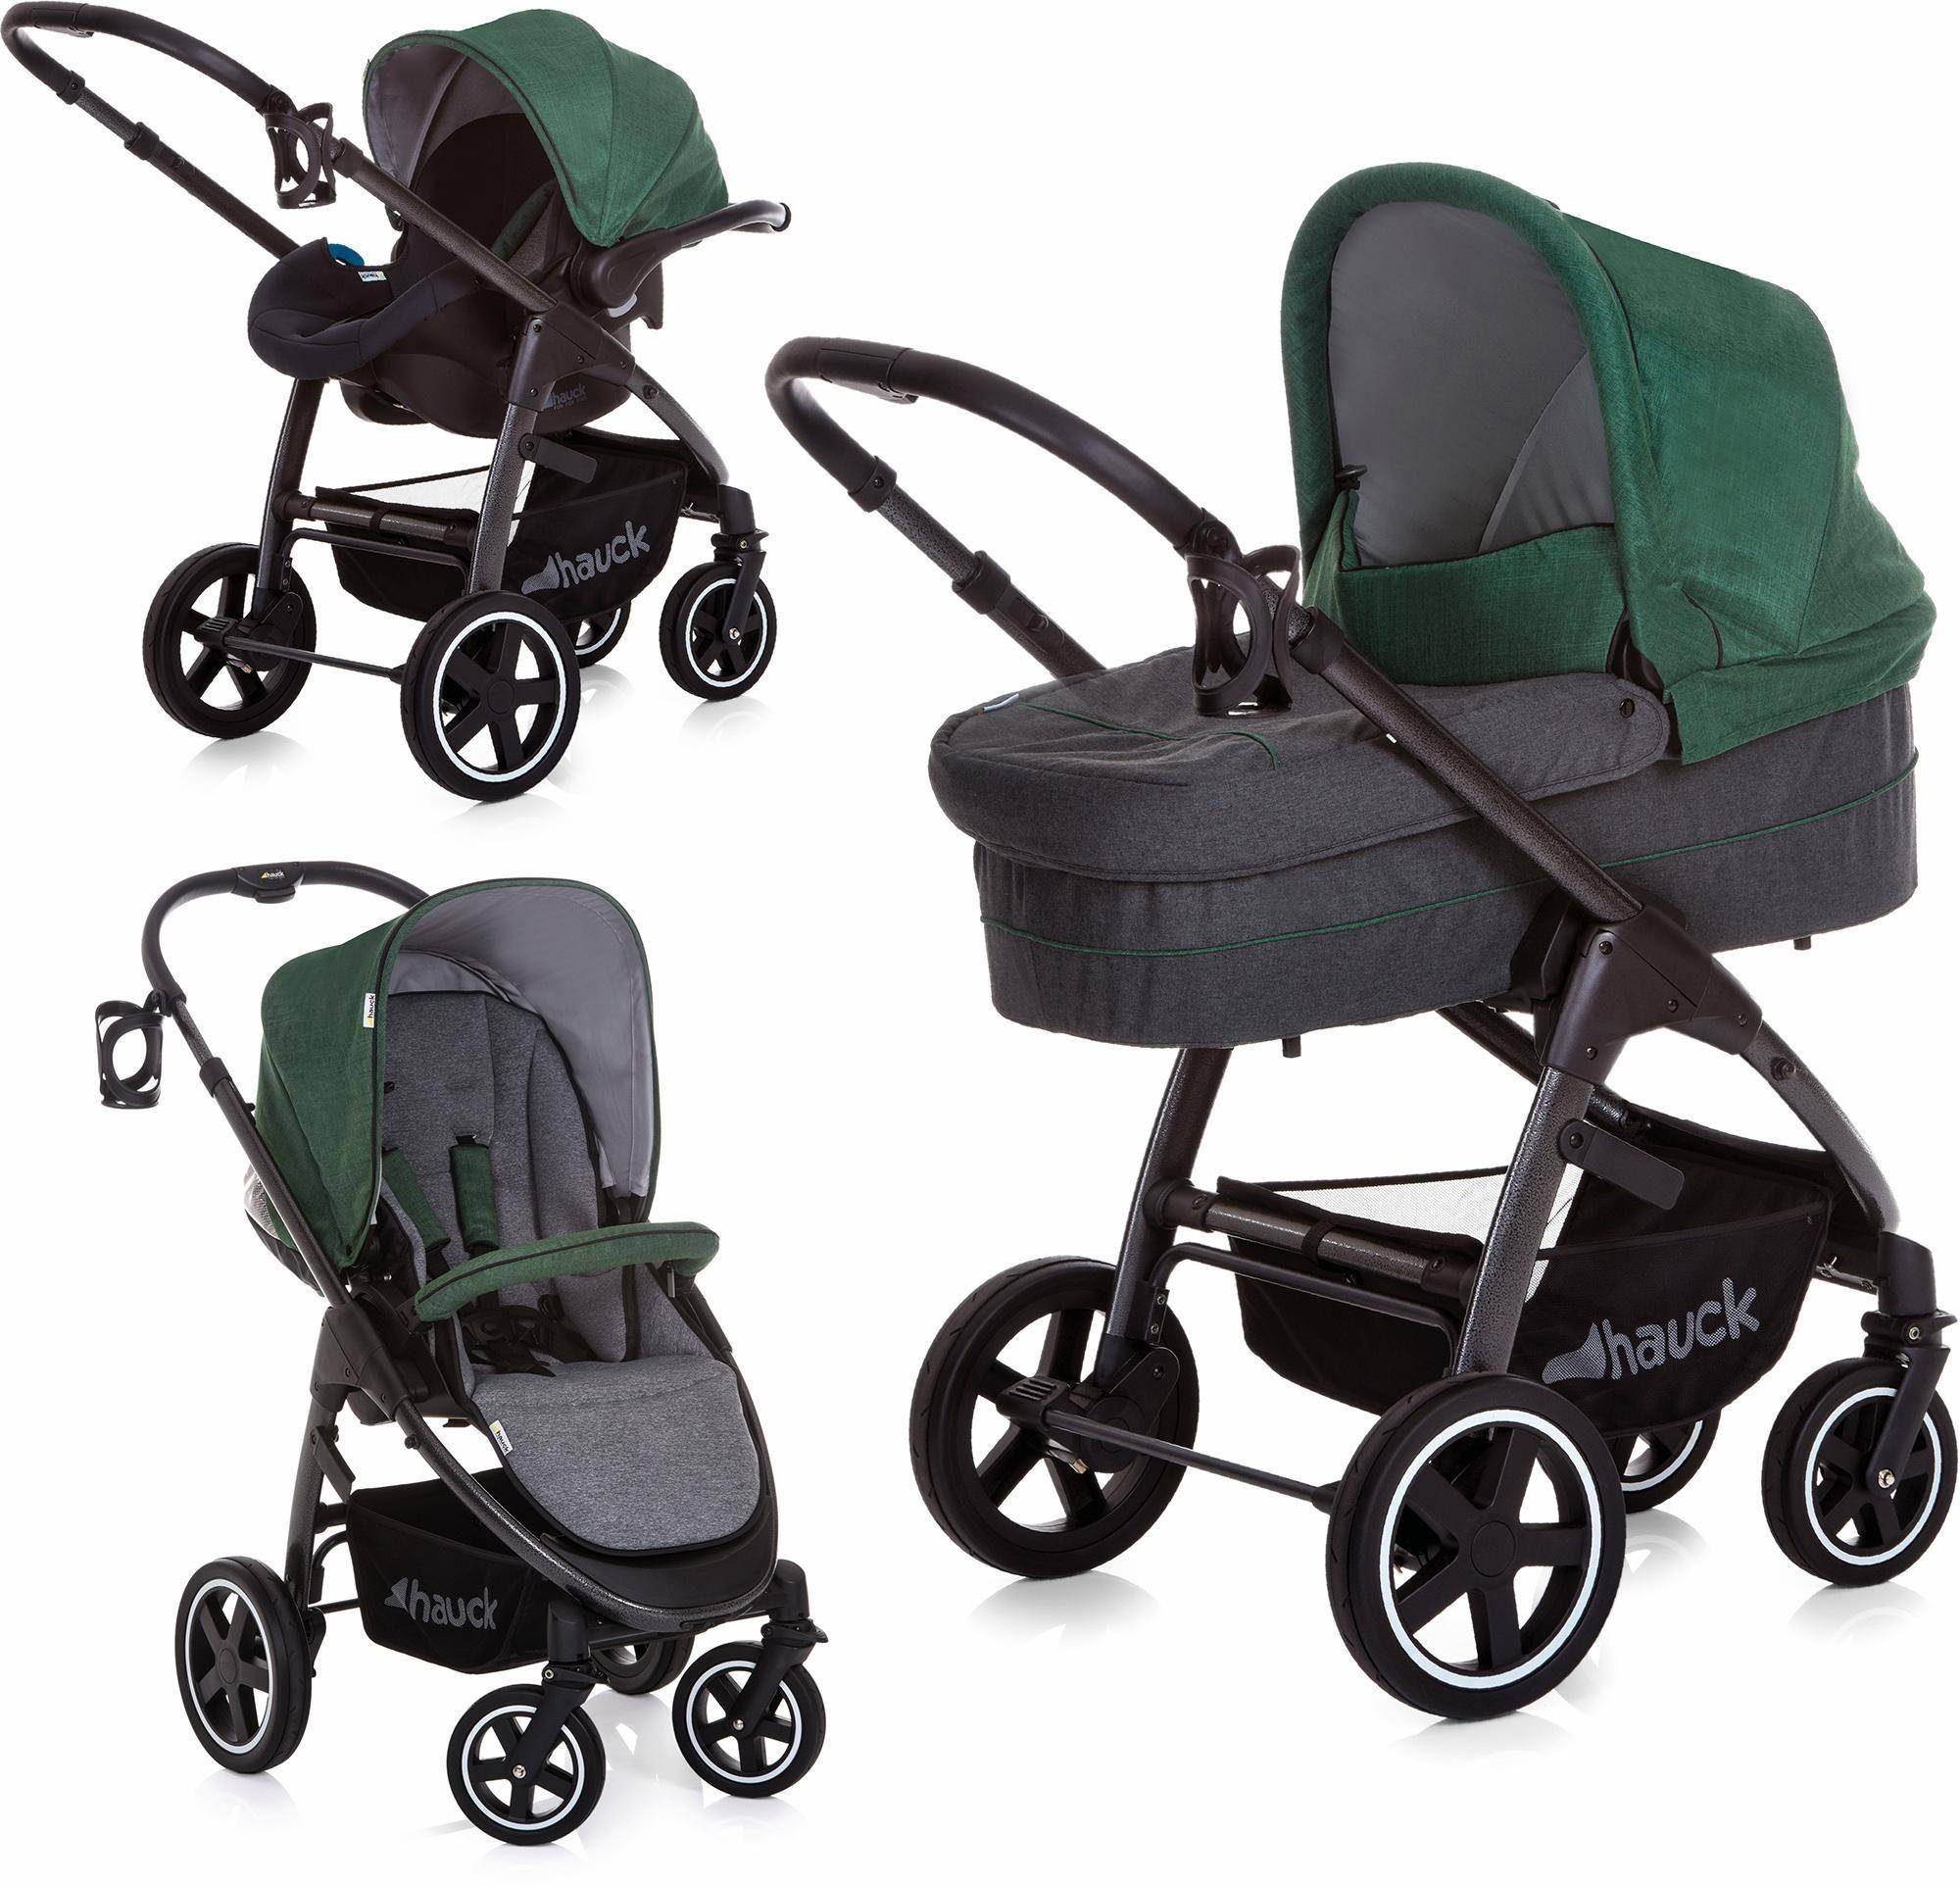 hauck FUN FOR KIDS Kombi-Kinderwagen inkl. Babyschale, »Soul Plus Trio Set Emerald«